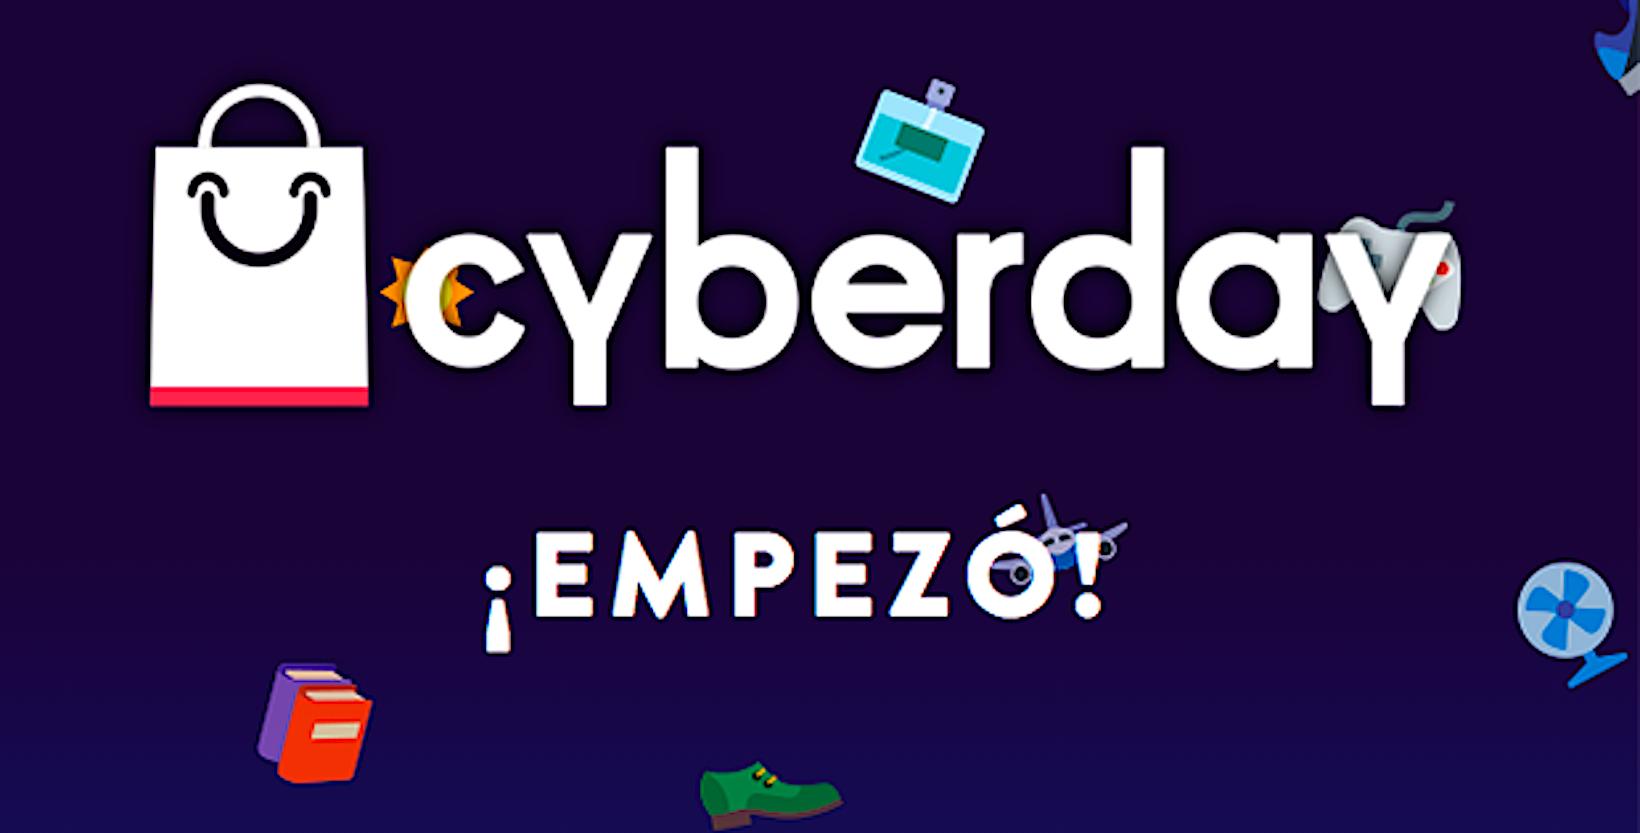 Cyberday Vuelos Revisa Aqui Las Ofertas Y Promociones Reales De Viajes Pasajes Paquetes Cruceros Y Seguros Mejores Destinos Chile